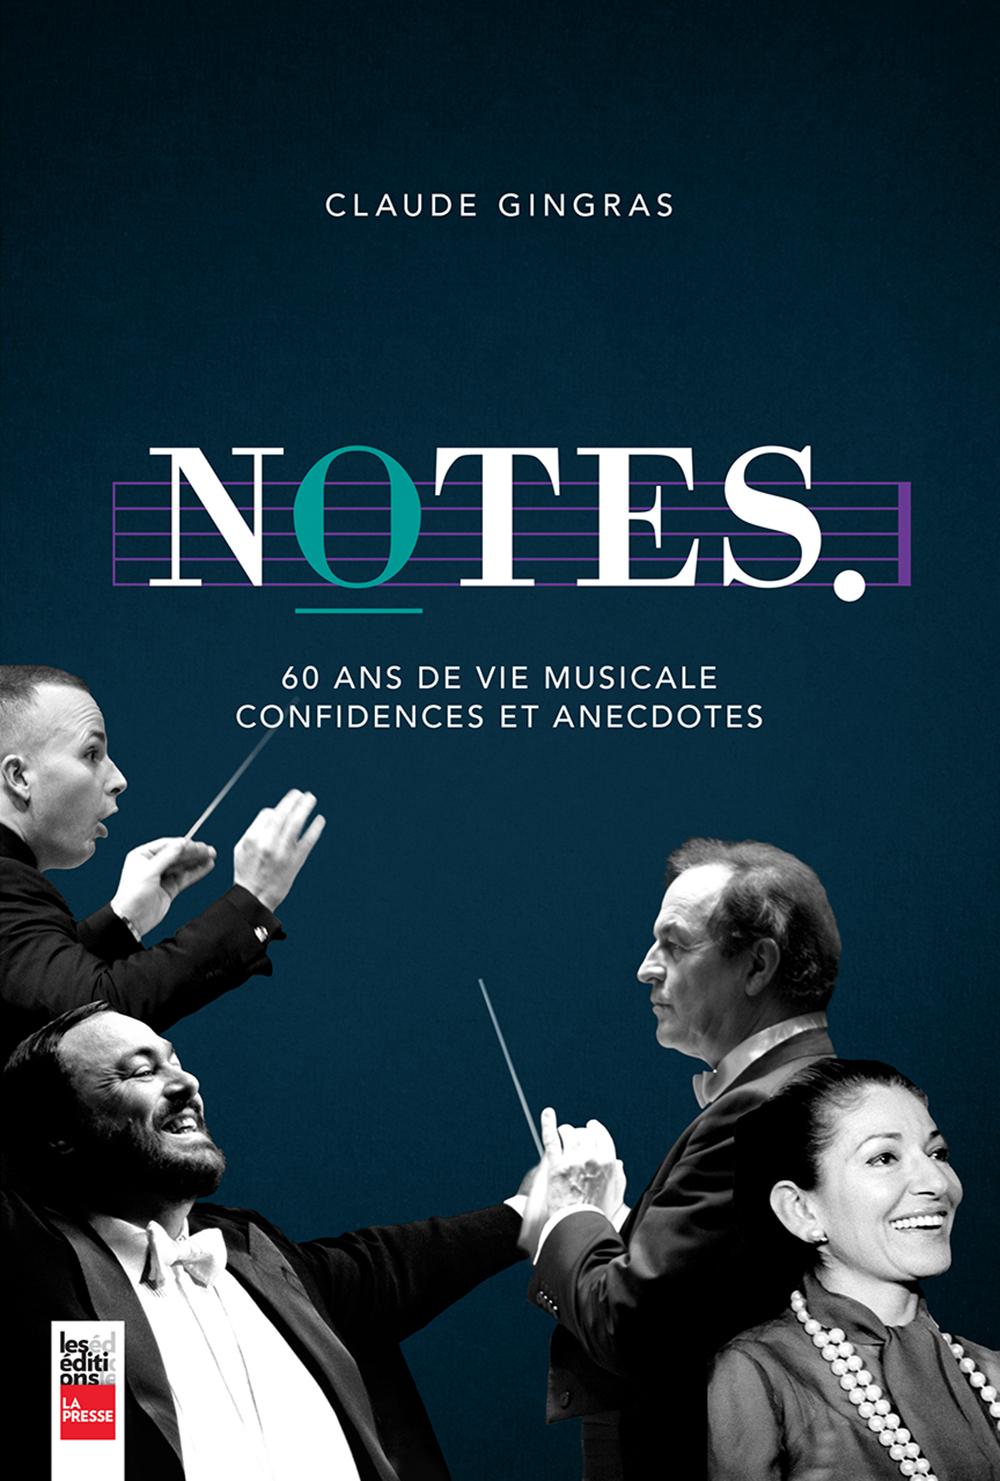 Notes, 60 ans de vie musicale, confidences et anecdotes